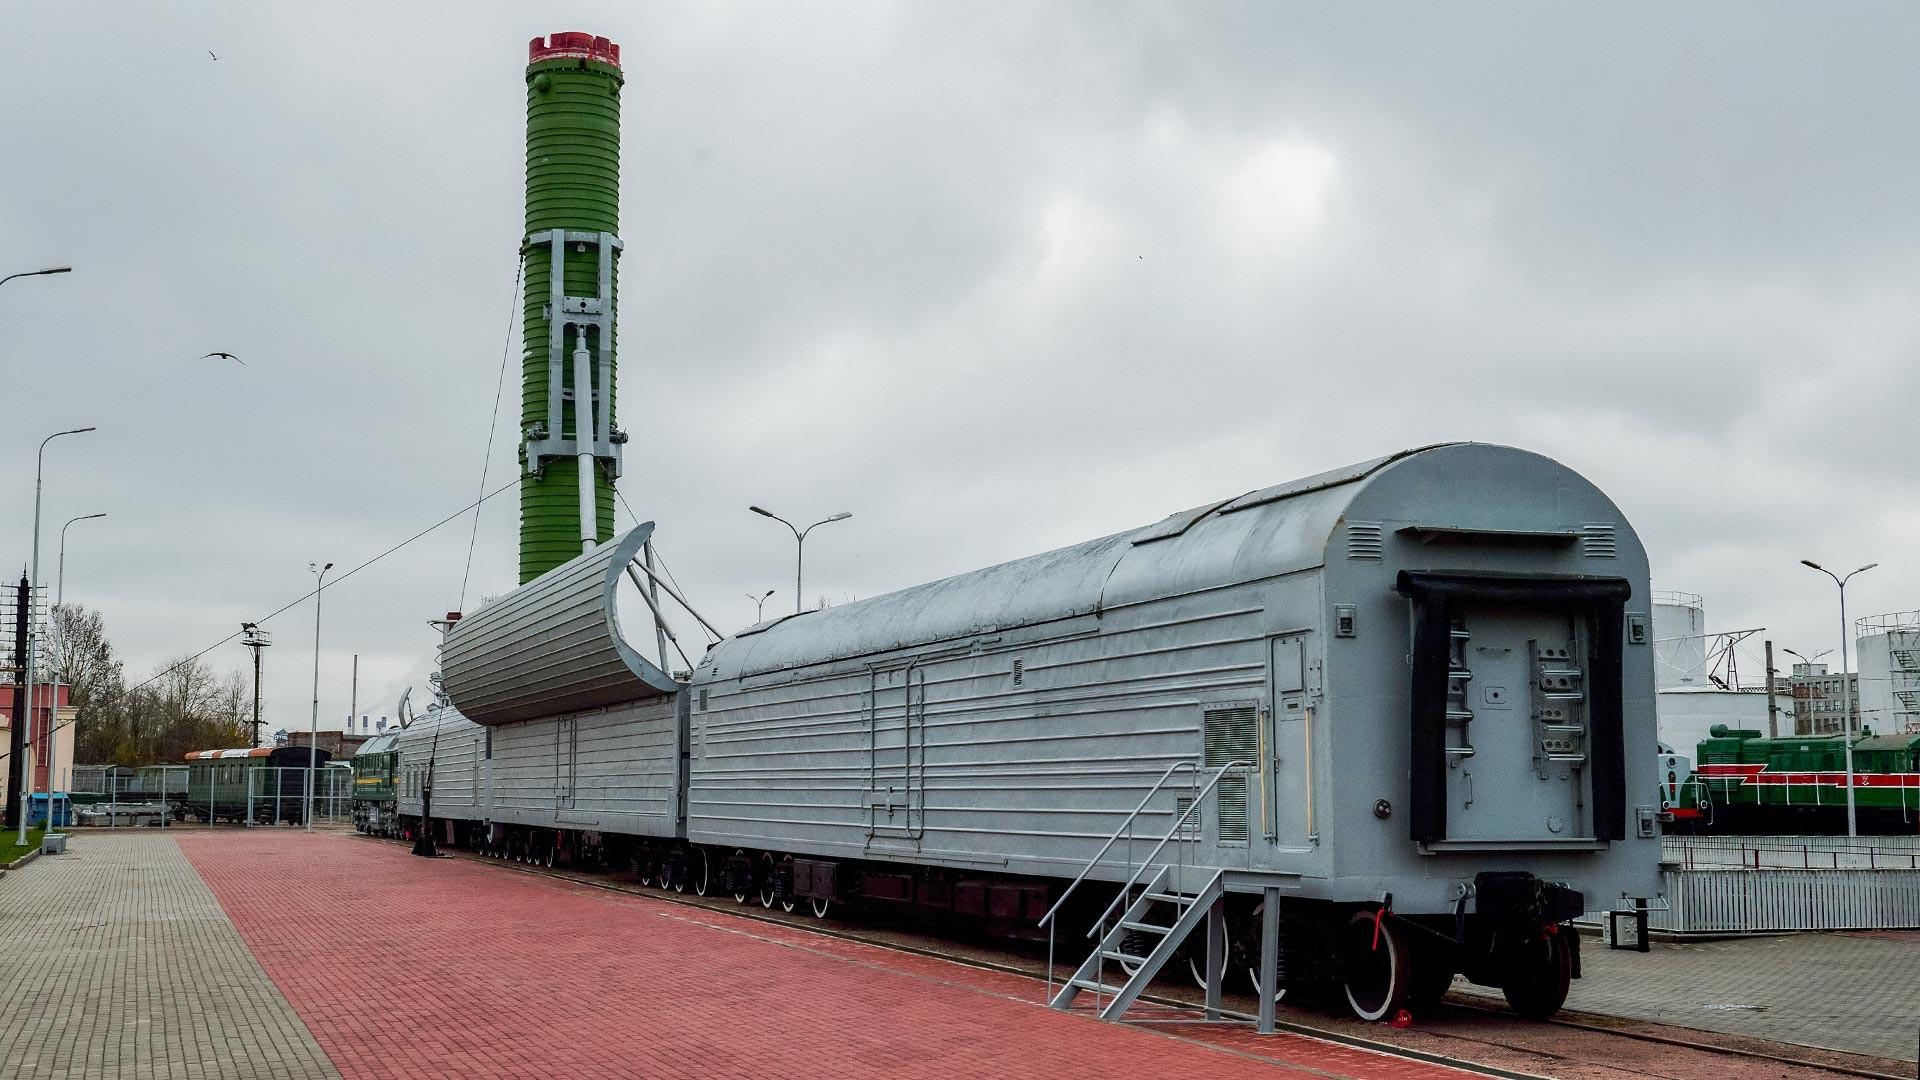 Боен железопътен ракетен комплекс (БЖРК)